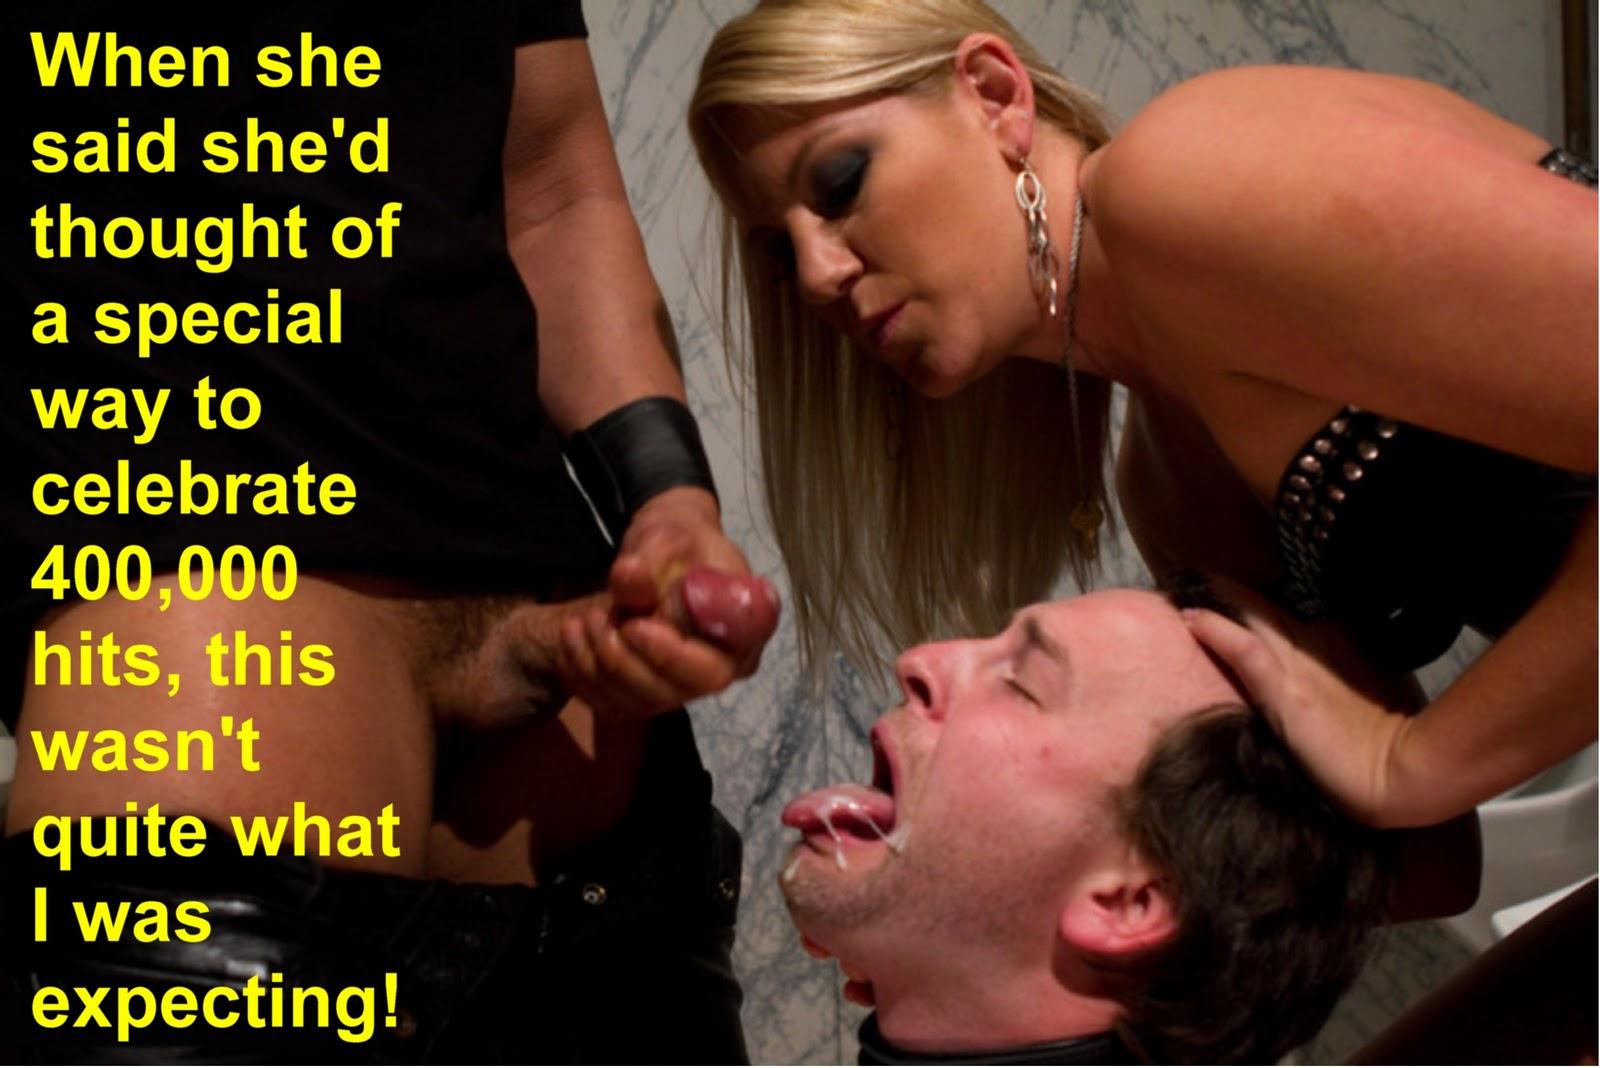 порно видео унижения мужа куколда